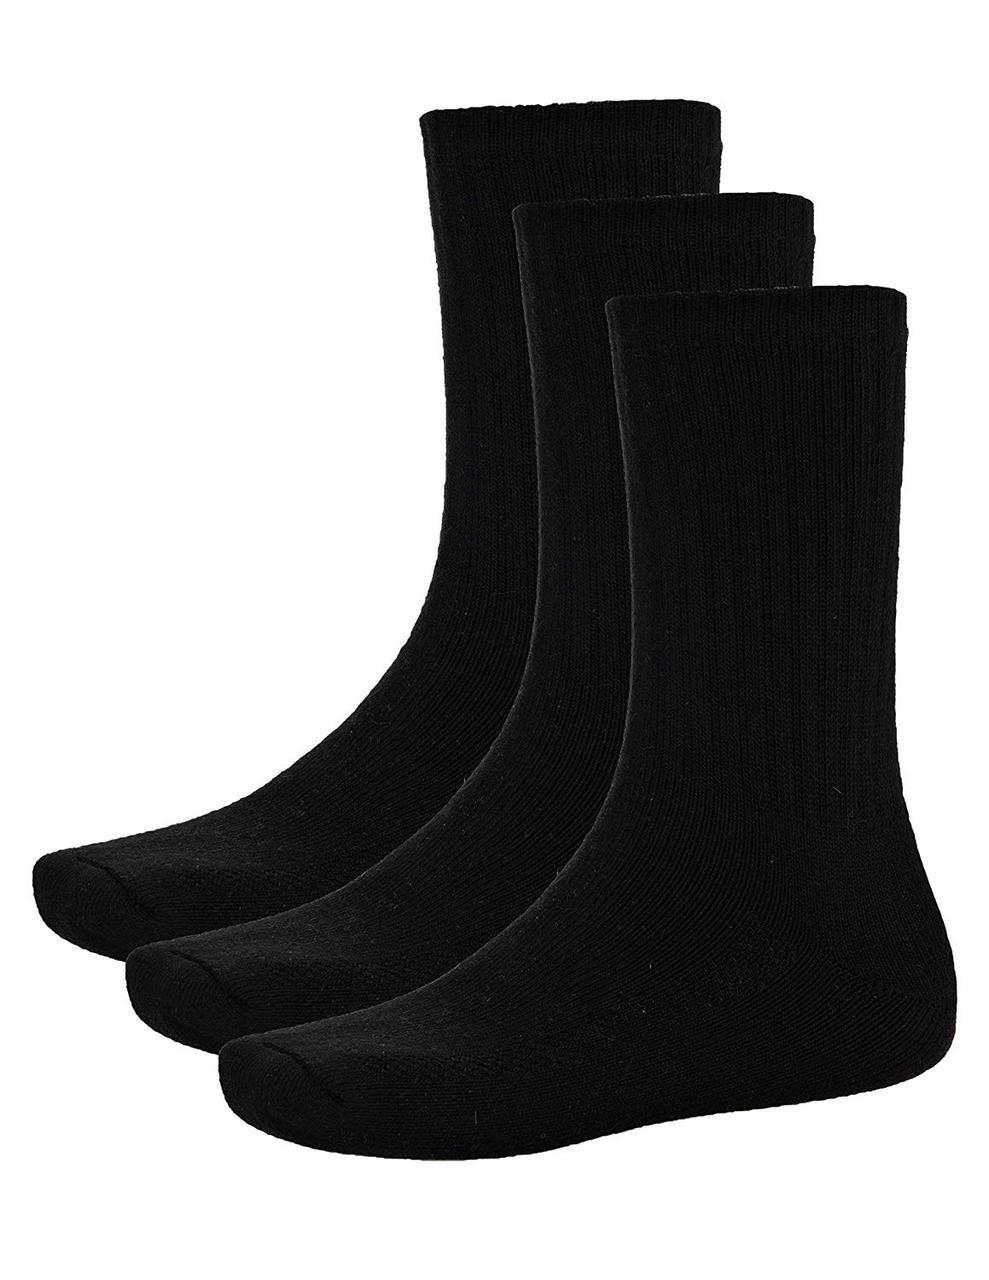 Носки спортивные мужские 3 пары комплект черные